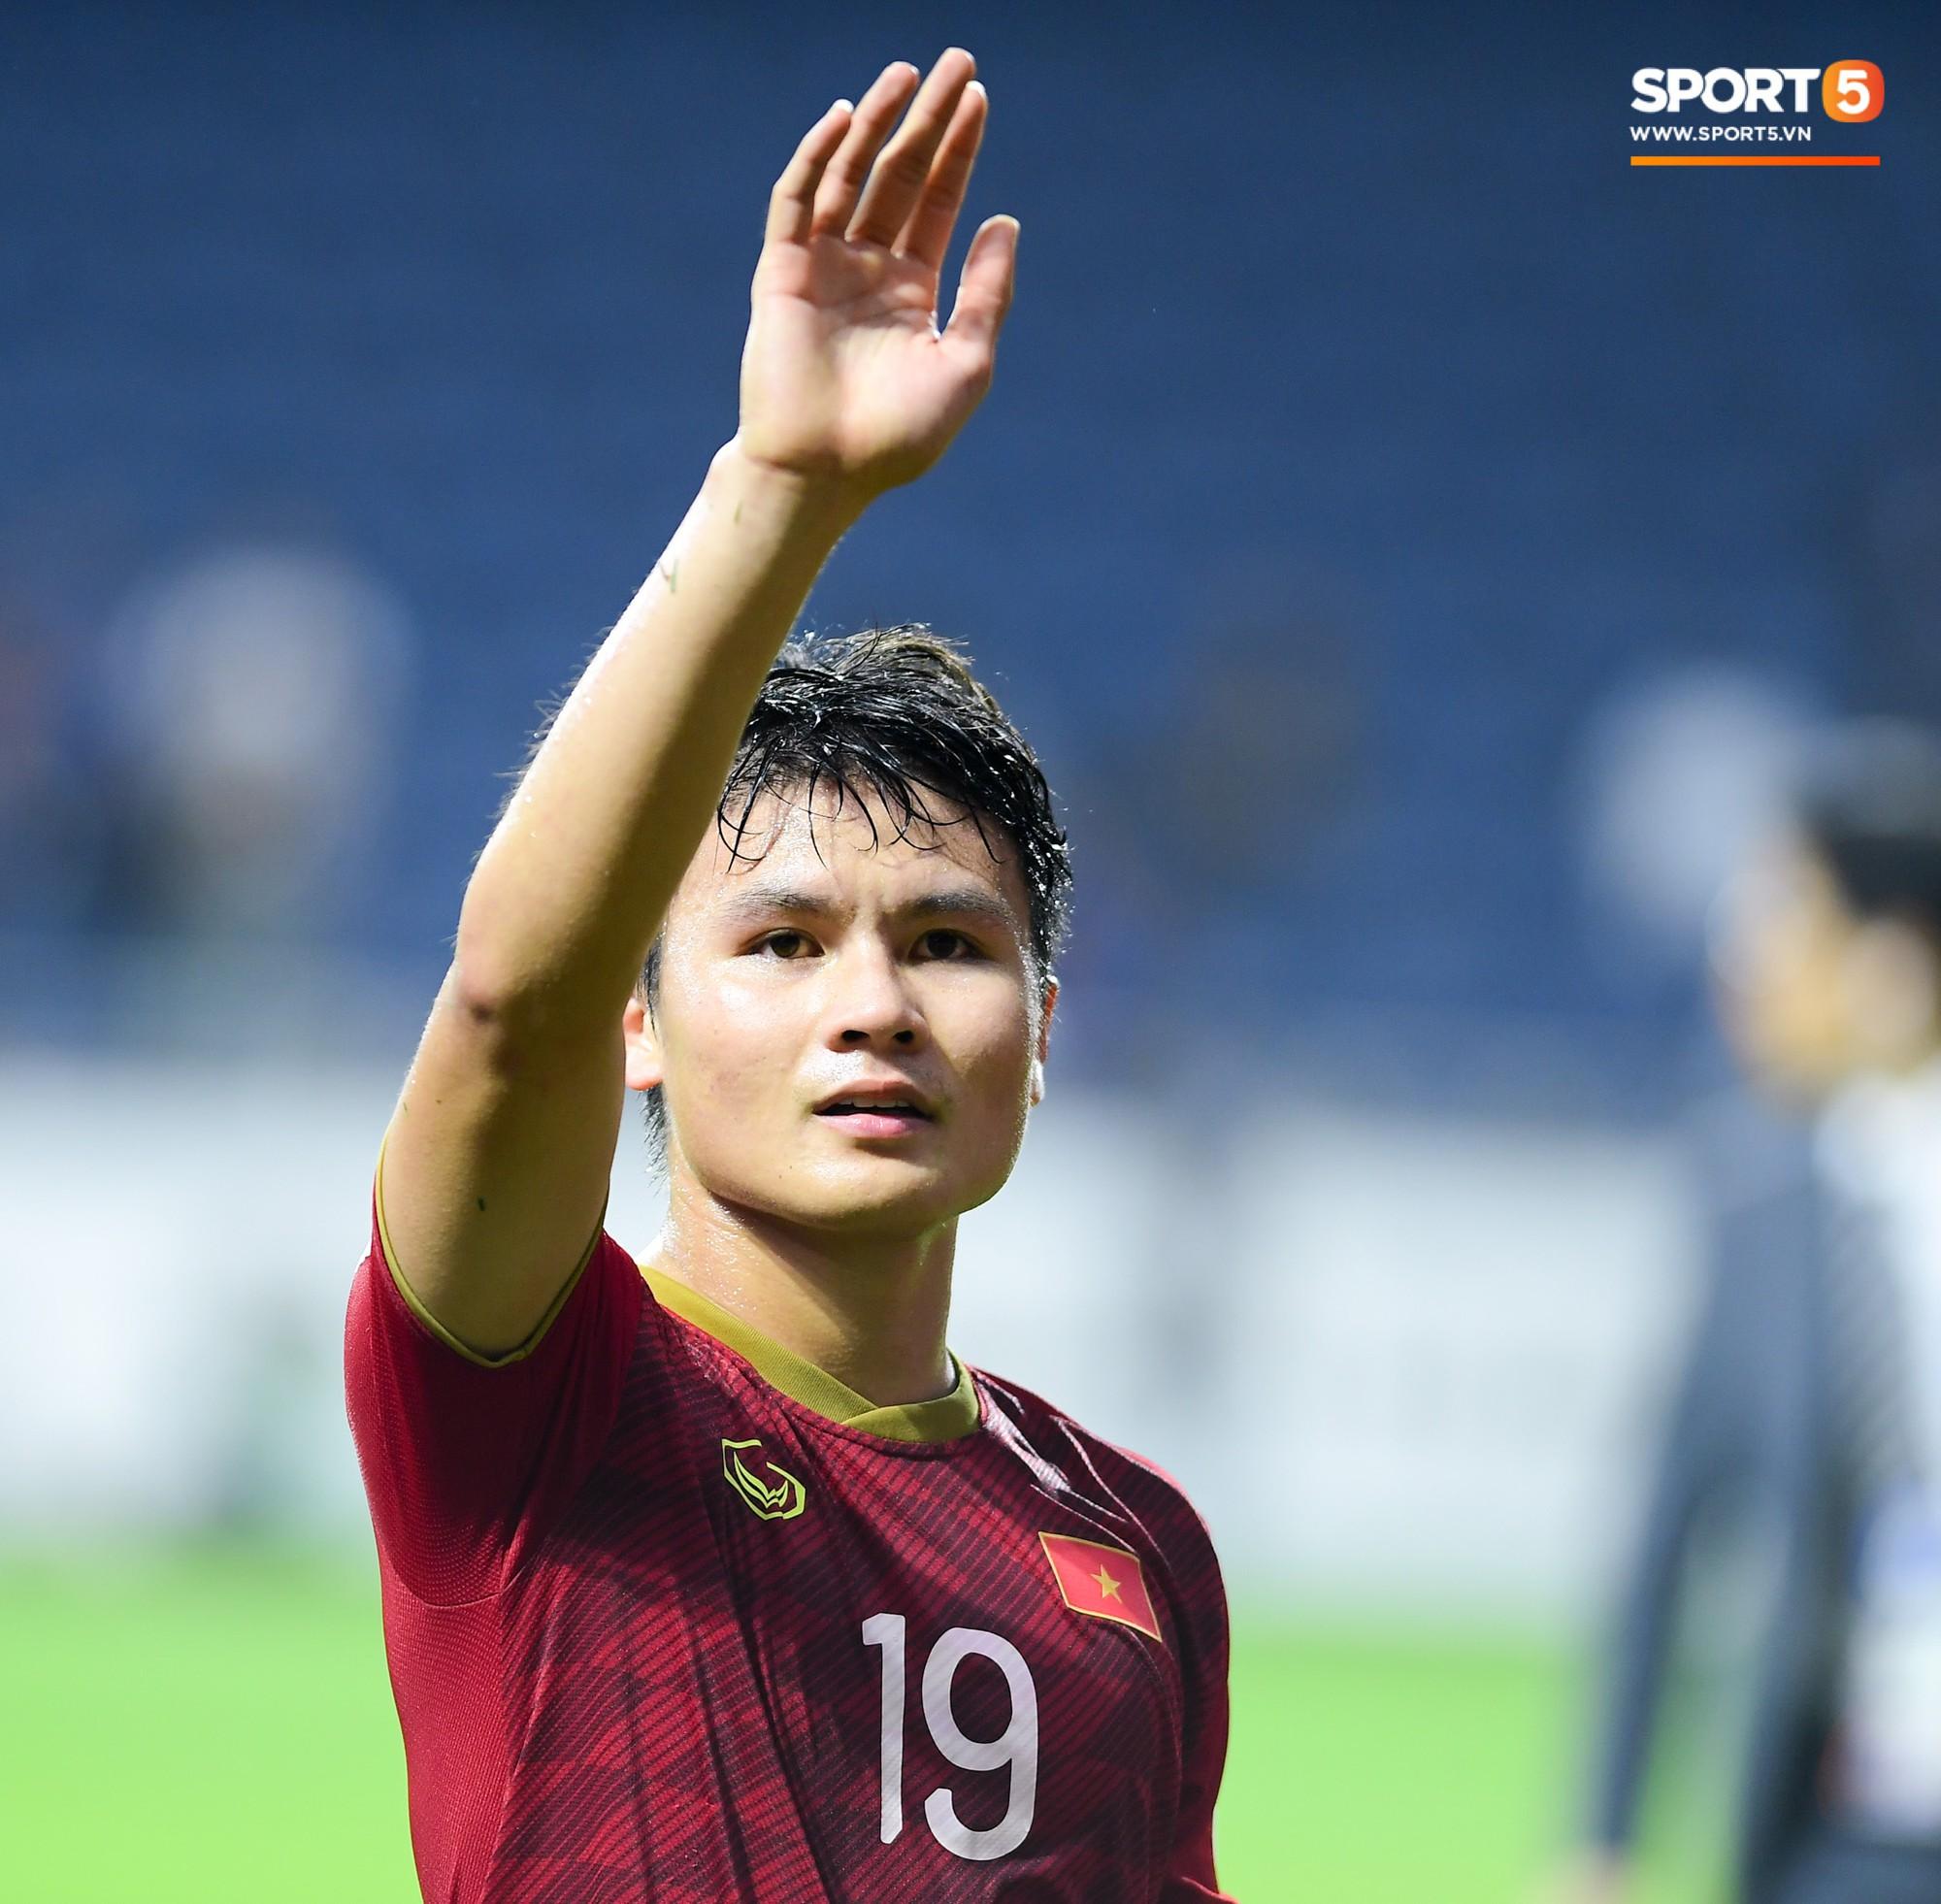 Tiền vệ Nguyễn Quang Hải cố gắng mỉm cười với người thân ở trên khán đài. Anh và các đồng đội đã chạy không ngơi nghỉ trong suốt 10 phút cuối trận.